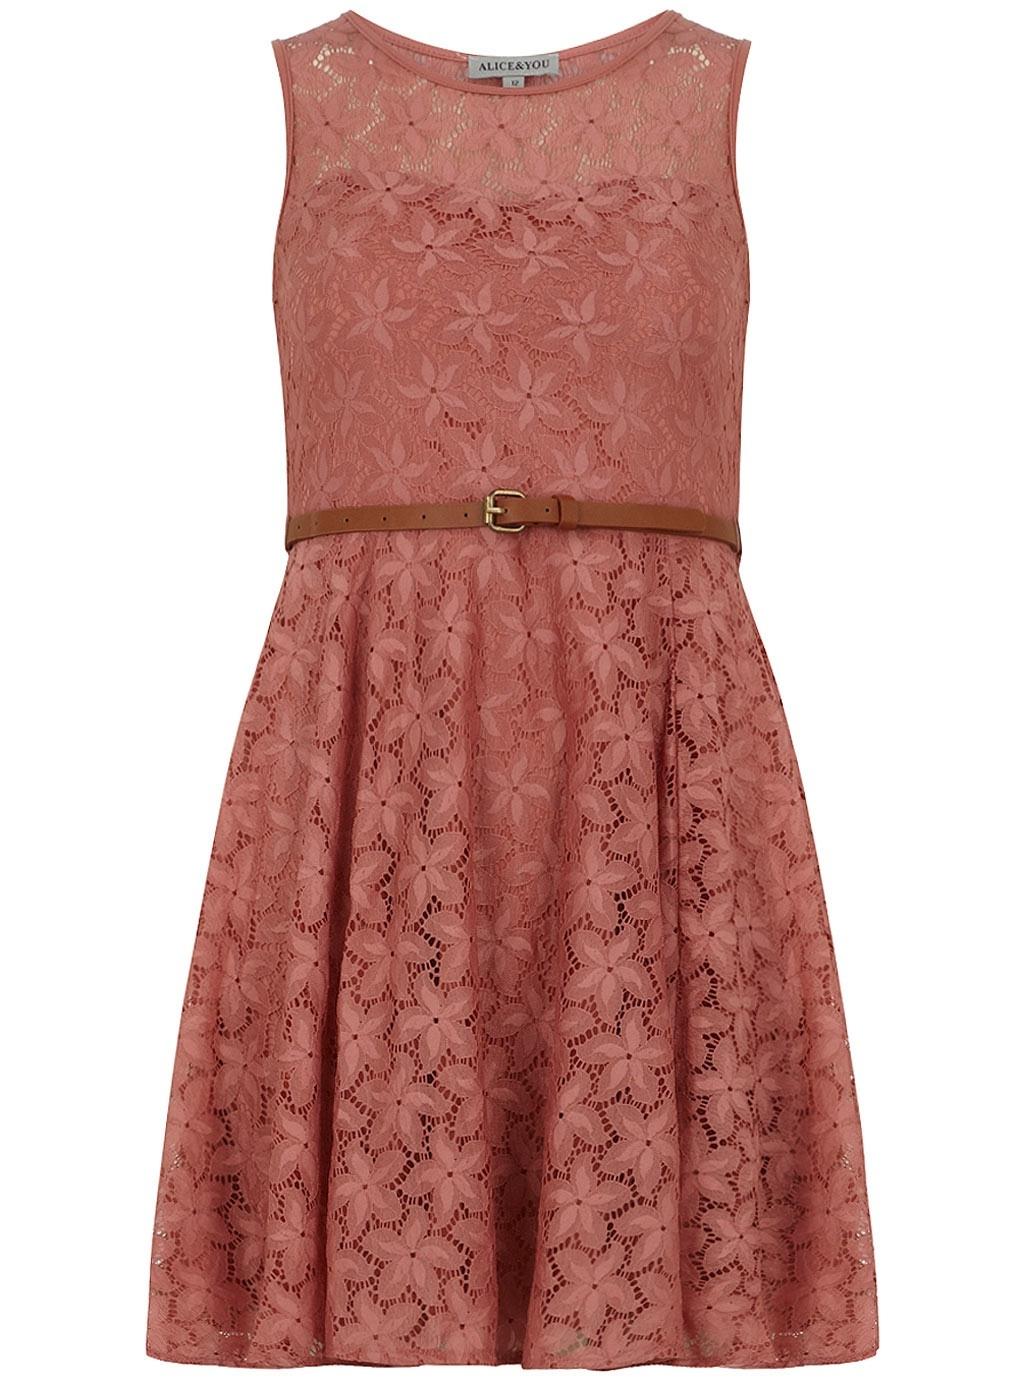 20 Ausgezeichnet Altrosa Kleid Mit Spitze Galerie Leicht Altrosa Kleid Mit Spitze Boutique